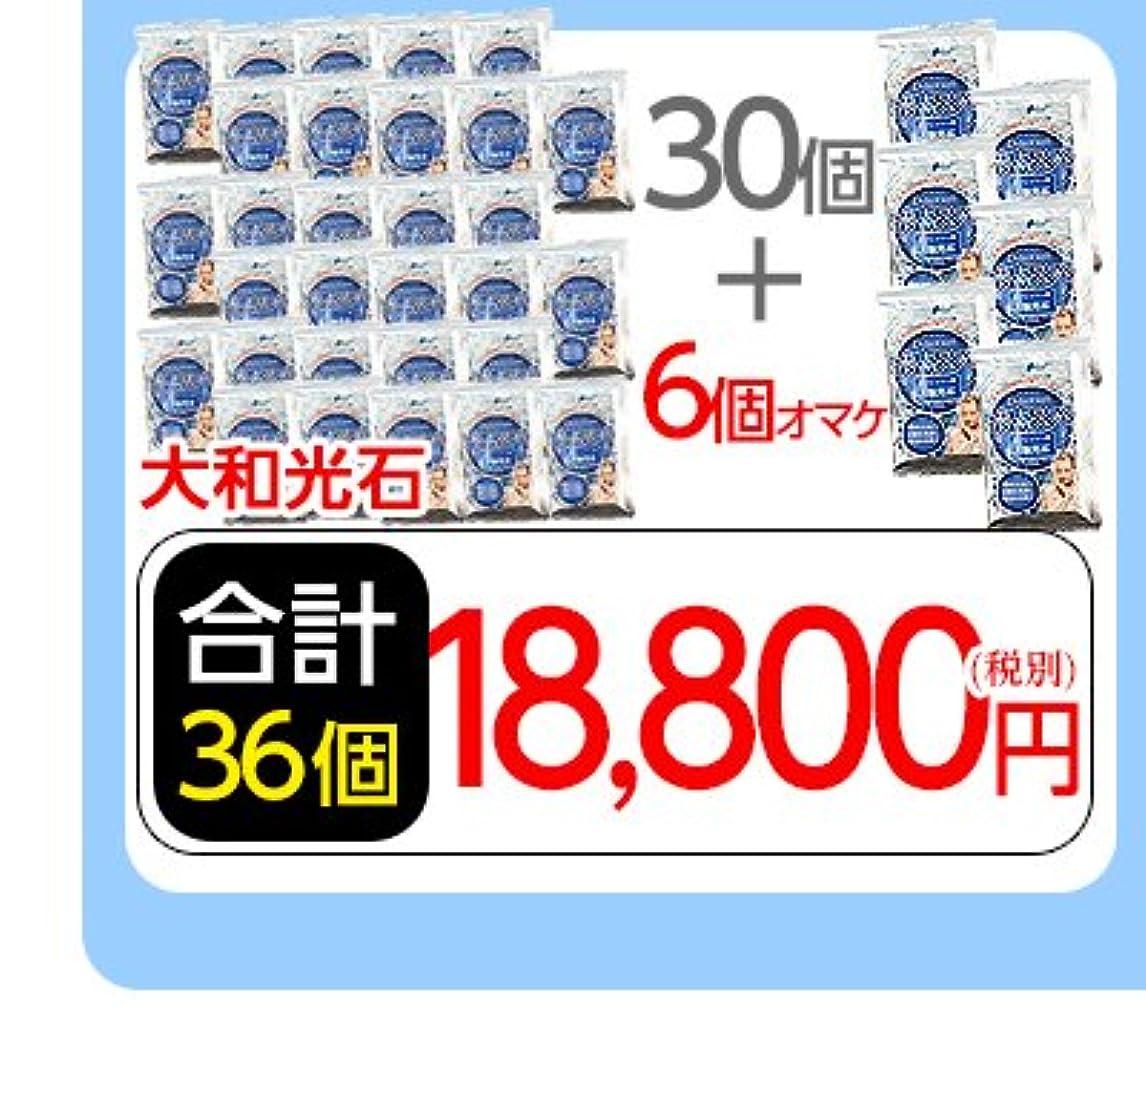 子犬潜水艦役に立たないデトキシャン水素スパ☆大和光石30個+6個オマケ